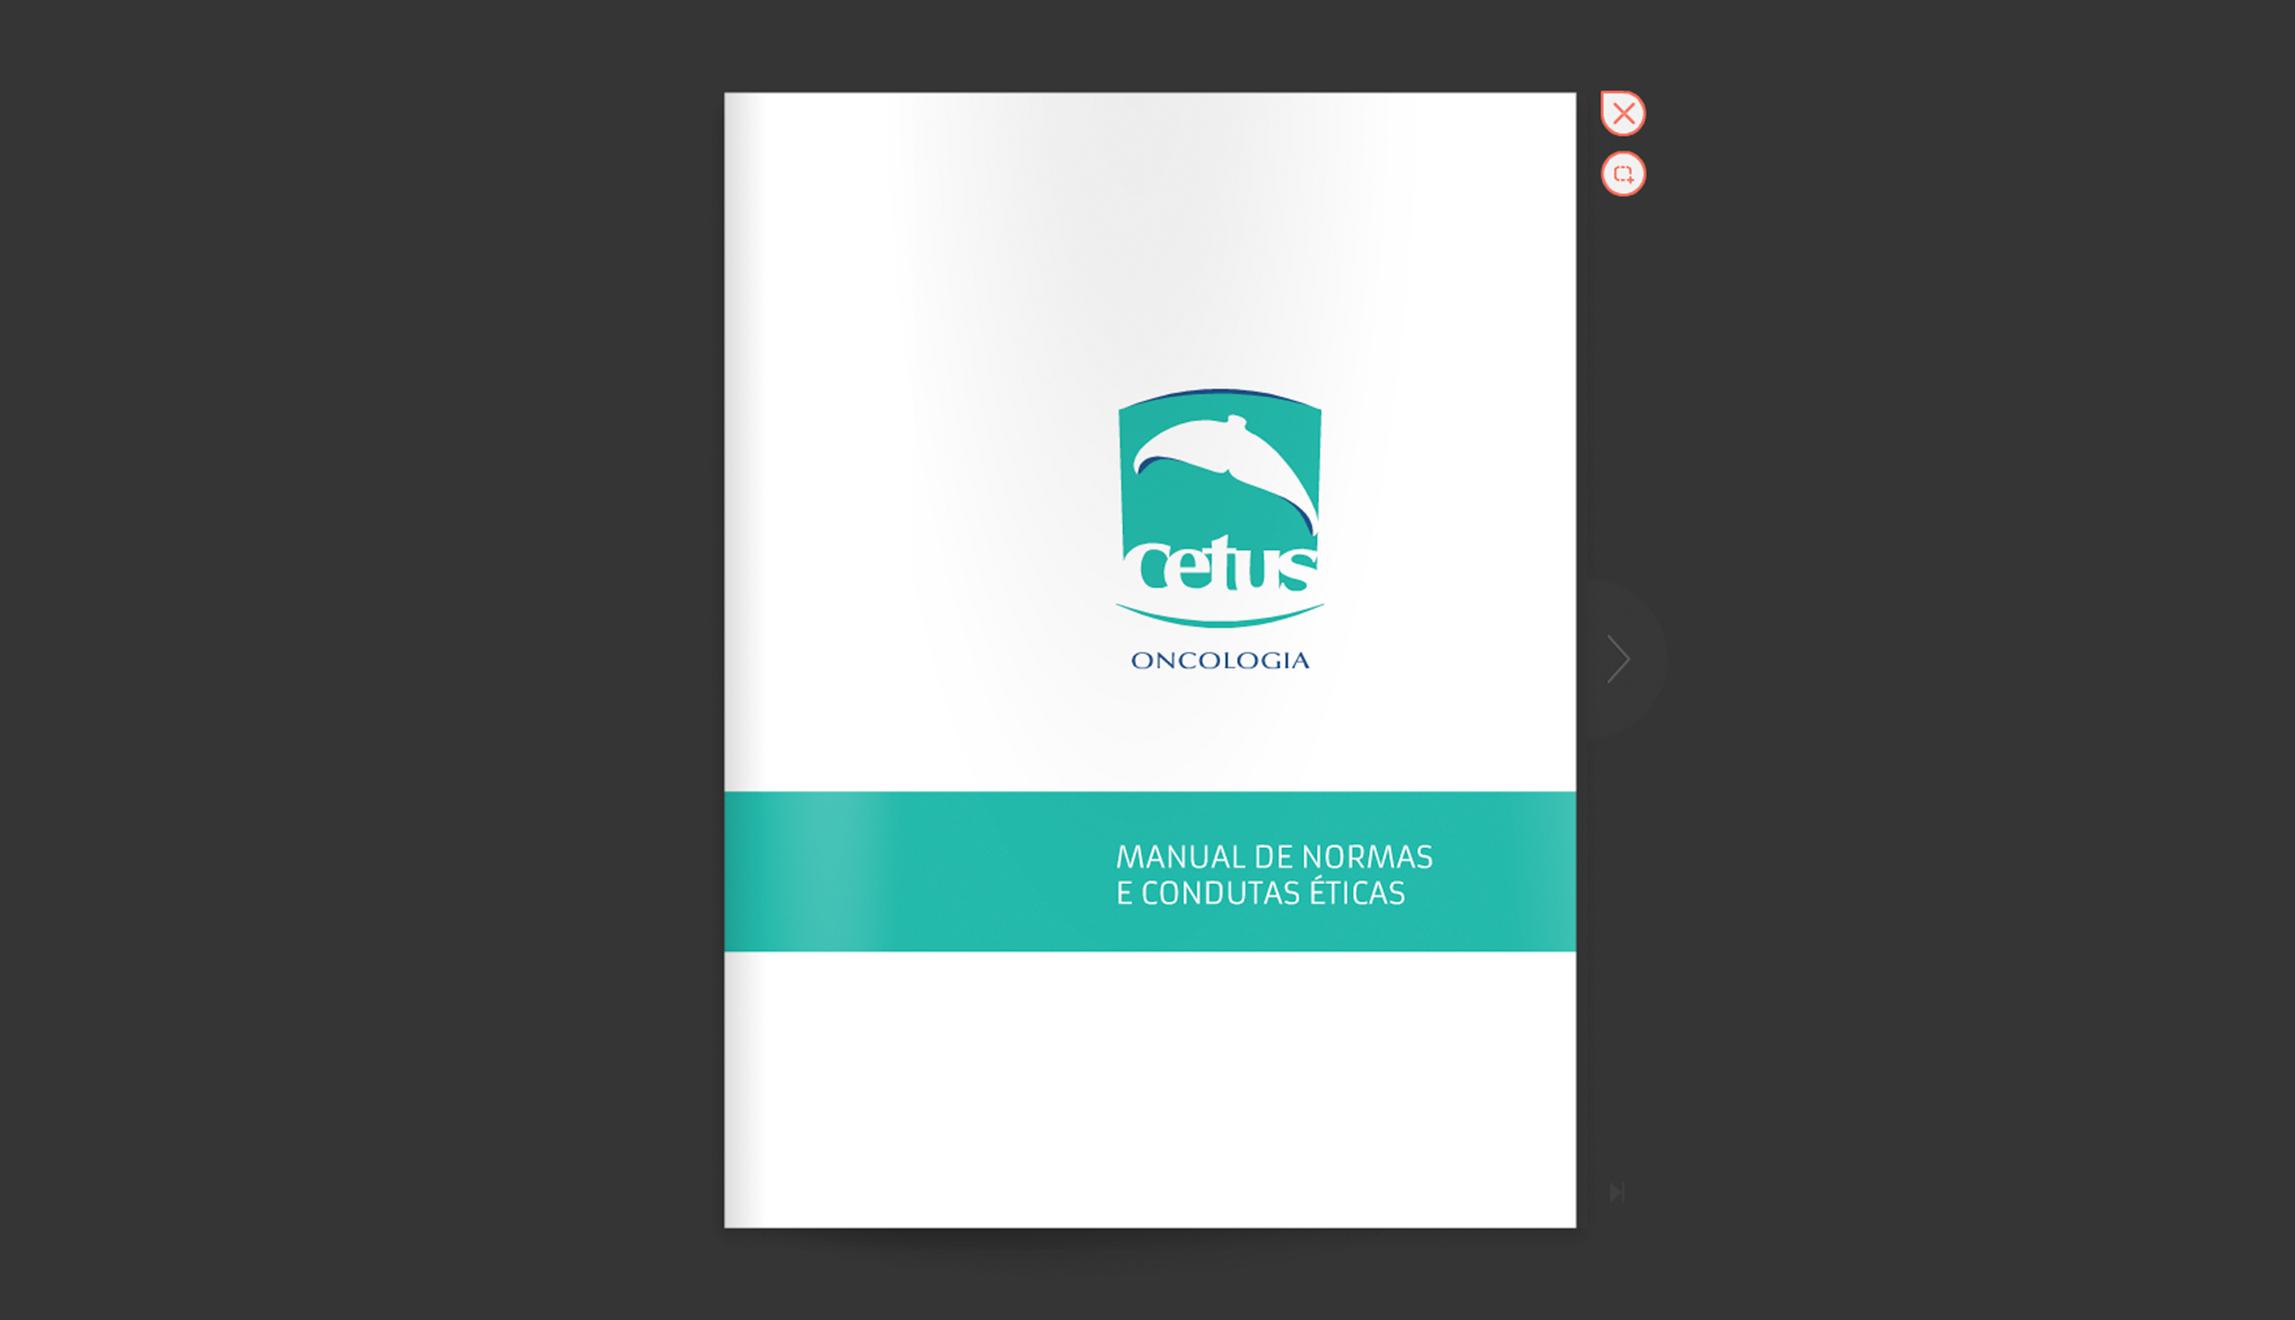 Manual-Cetus-2015-1